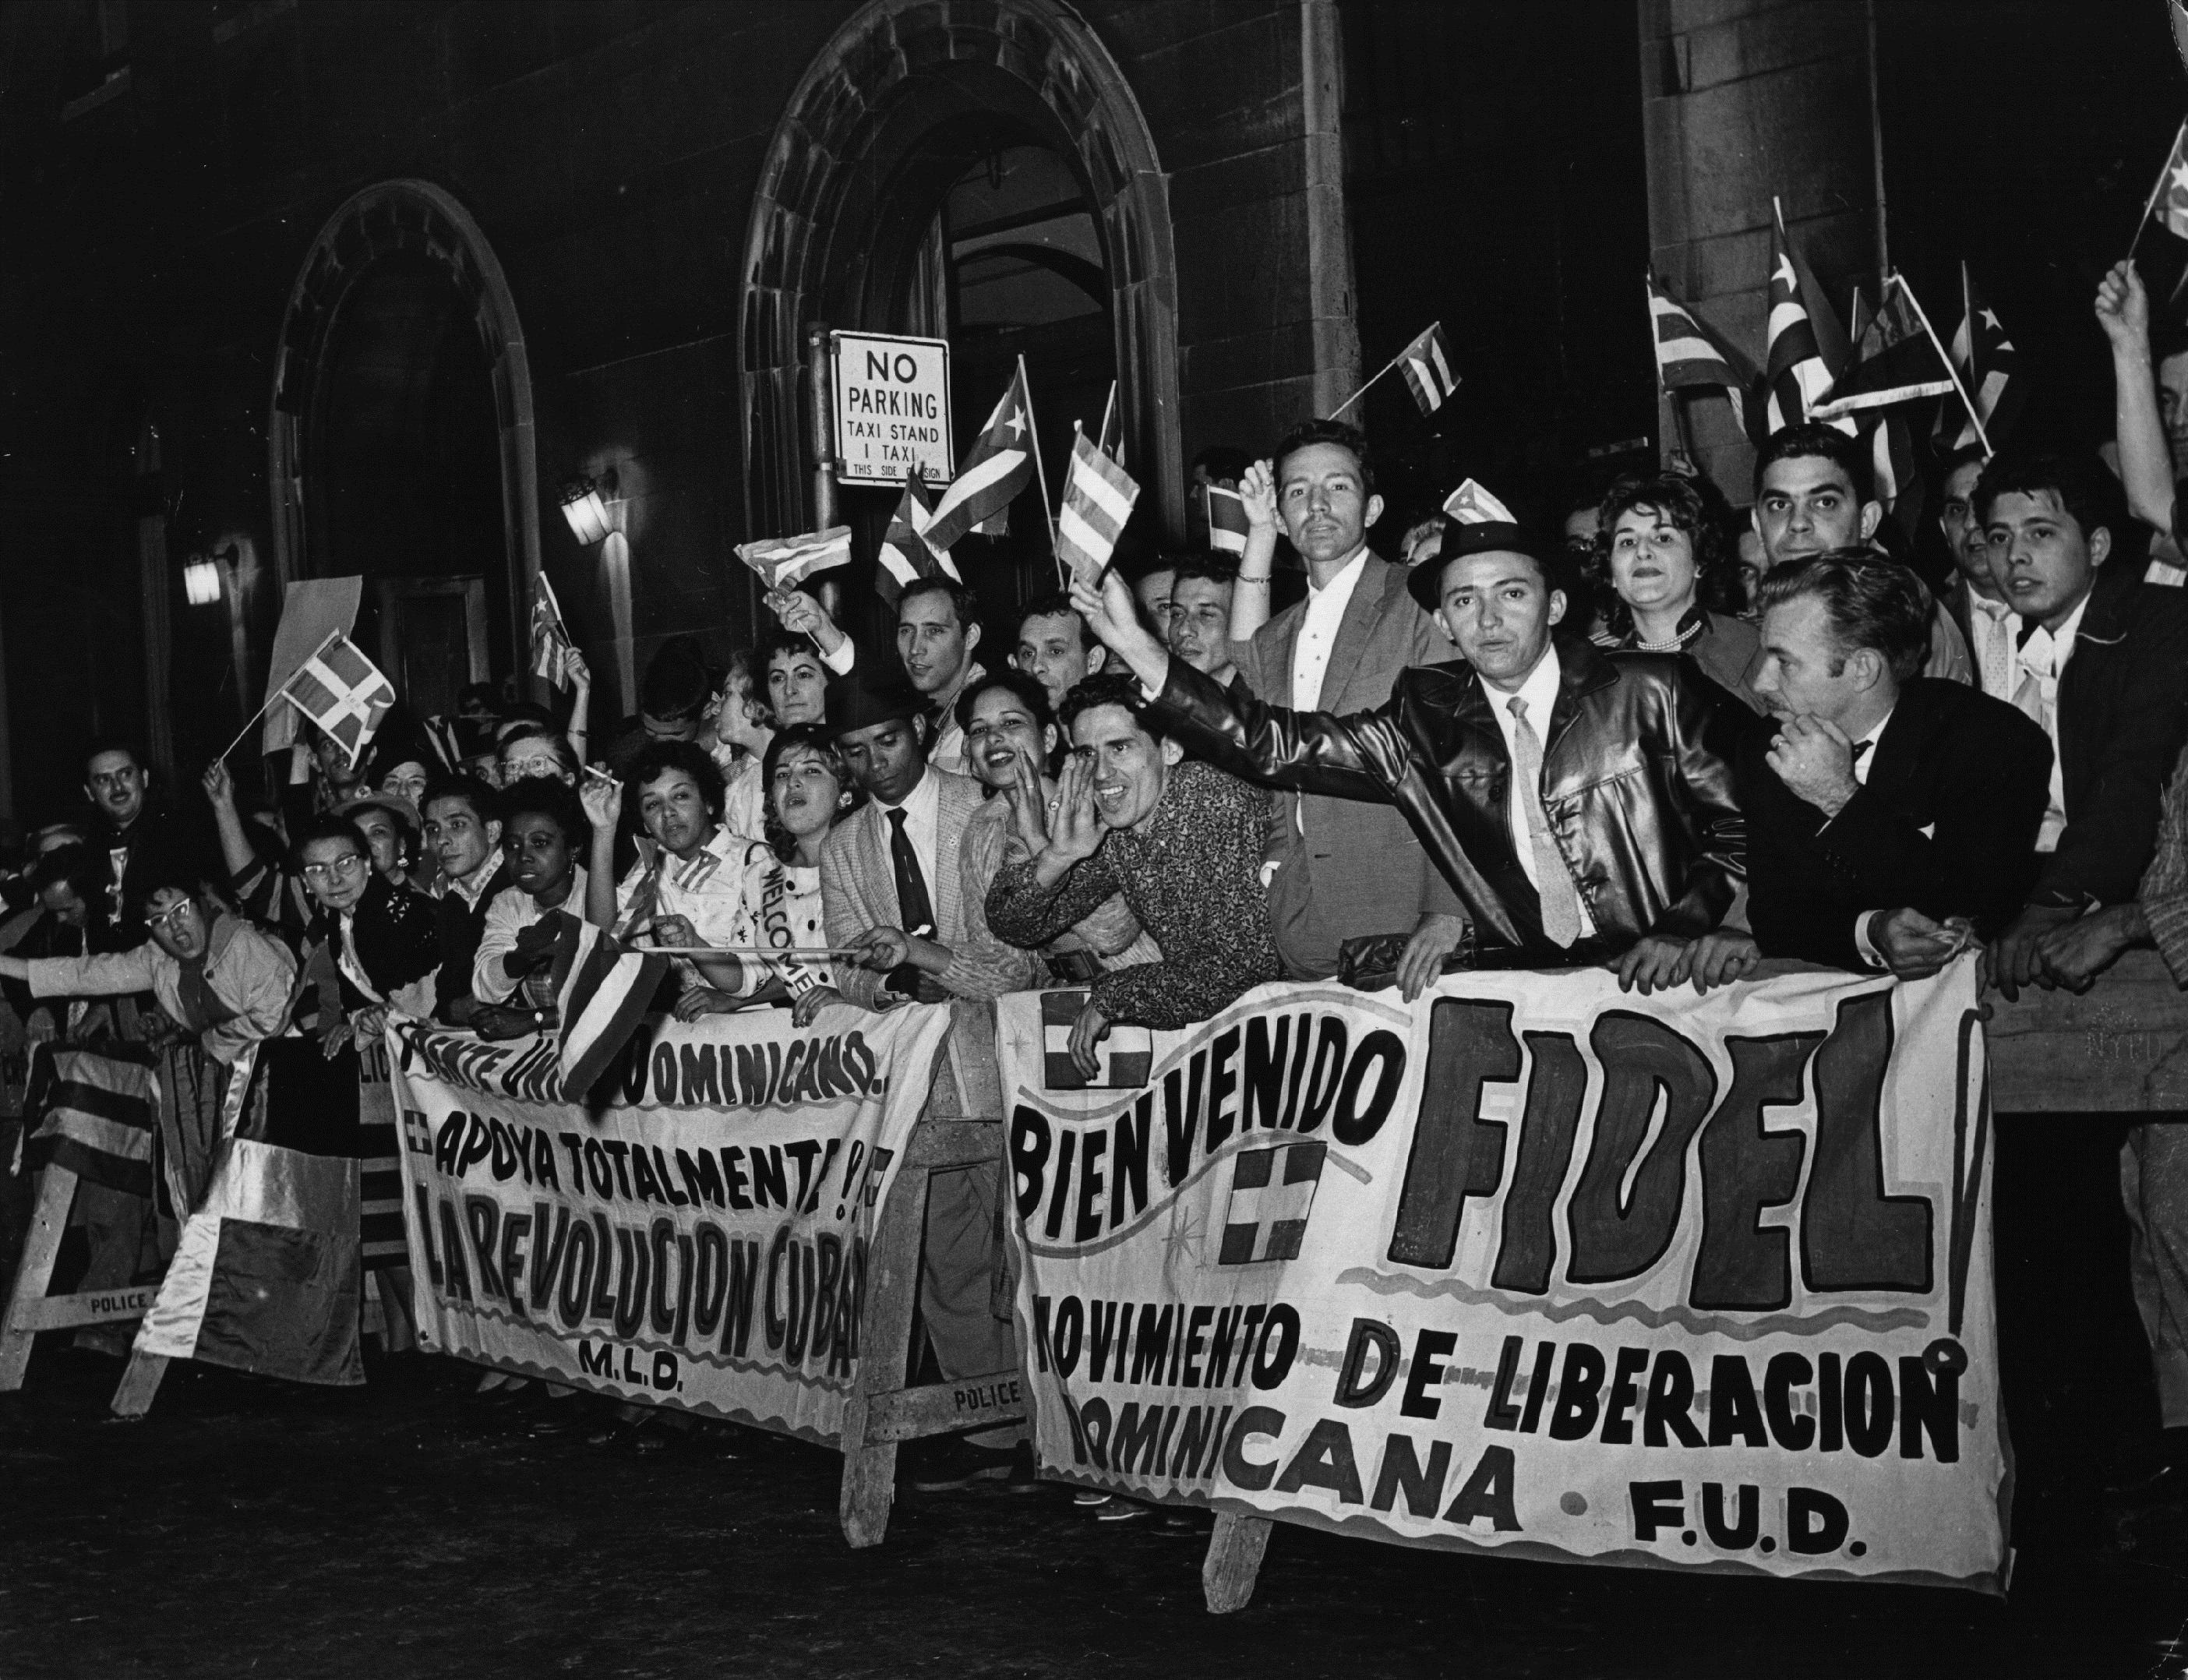 21 септември 1960 г. - Екзалтирана тълпа чака на международното летище в Ню Йорк Фидел Кастро, който идва на посещение в САЩ.